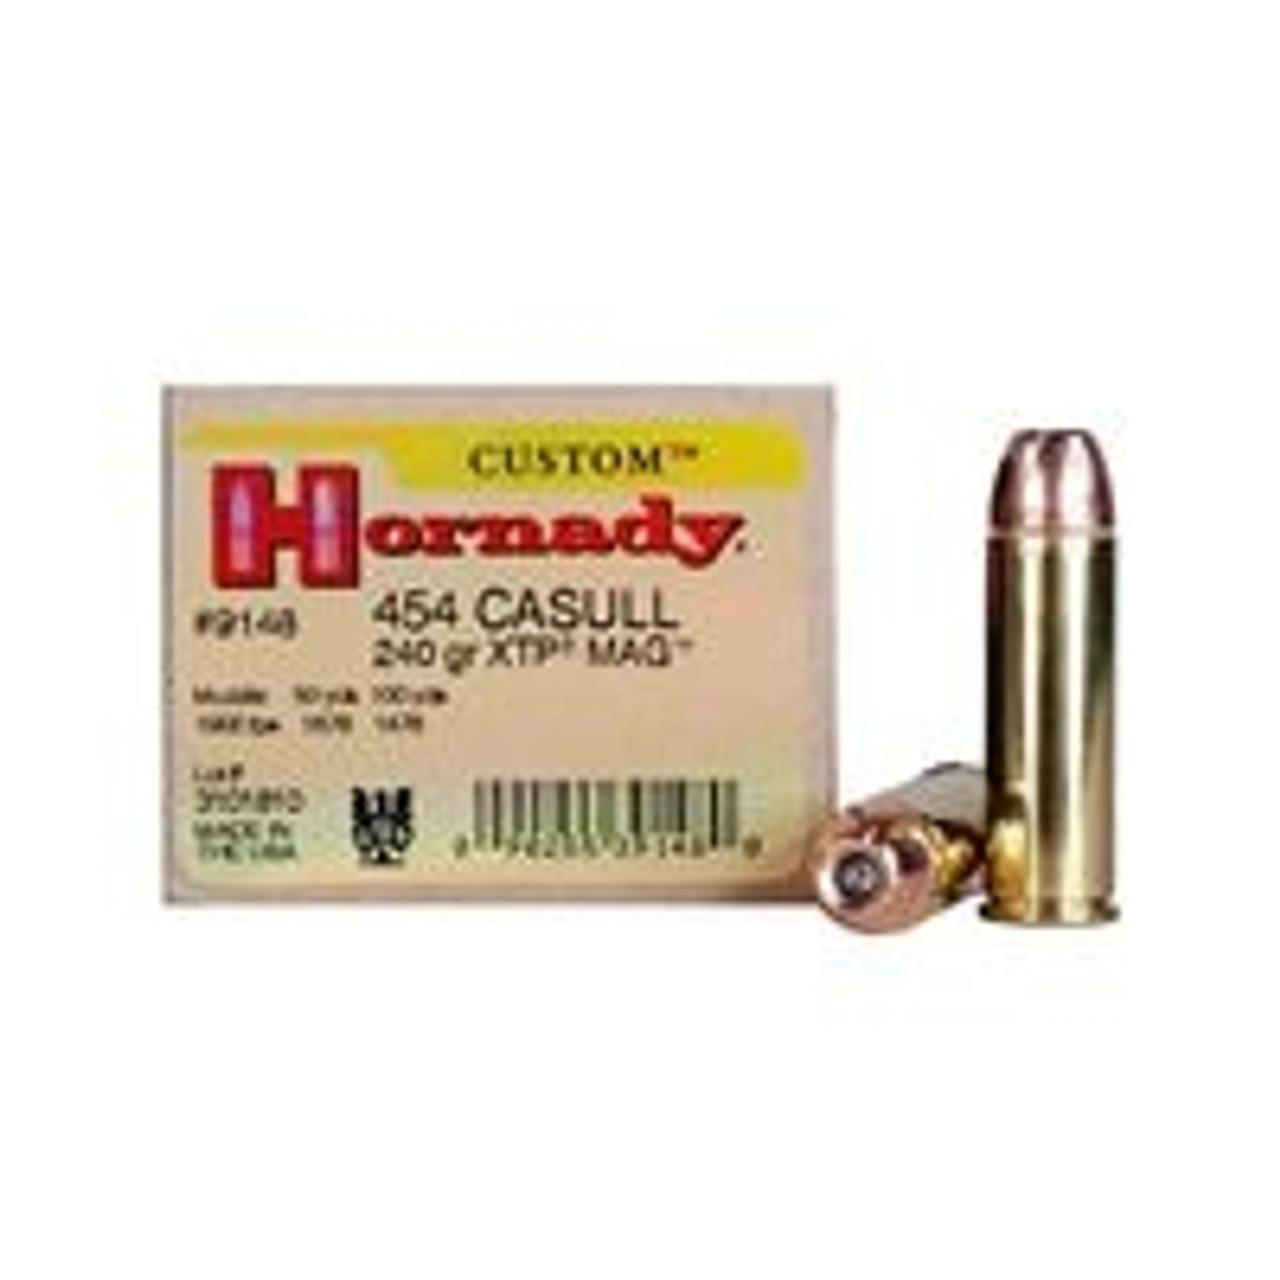 454 Casull Ammo